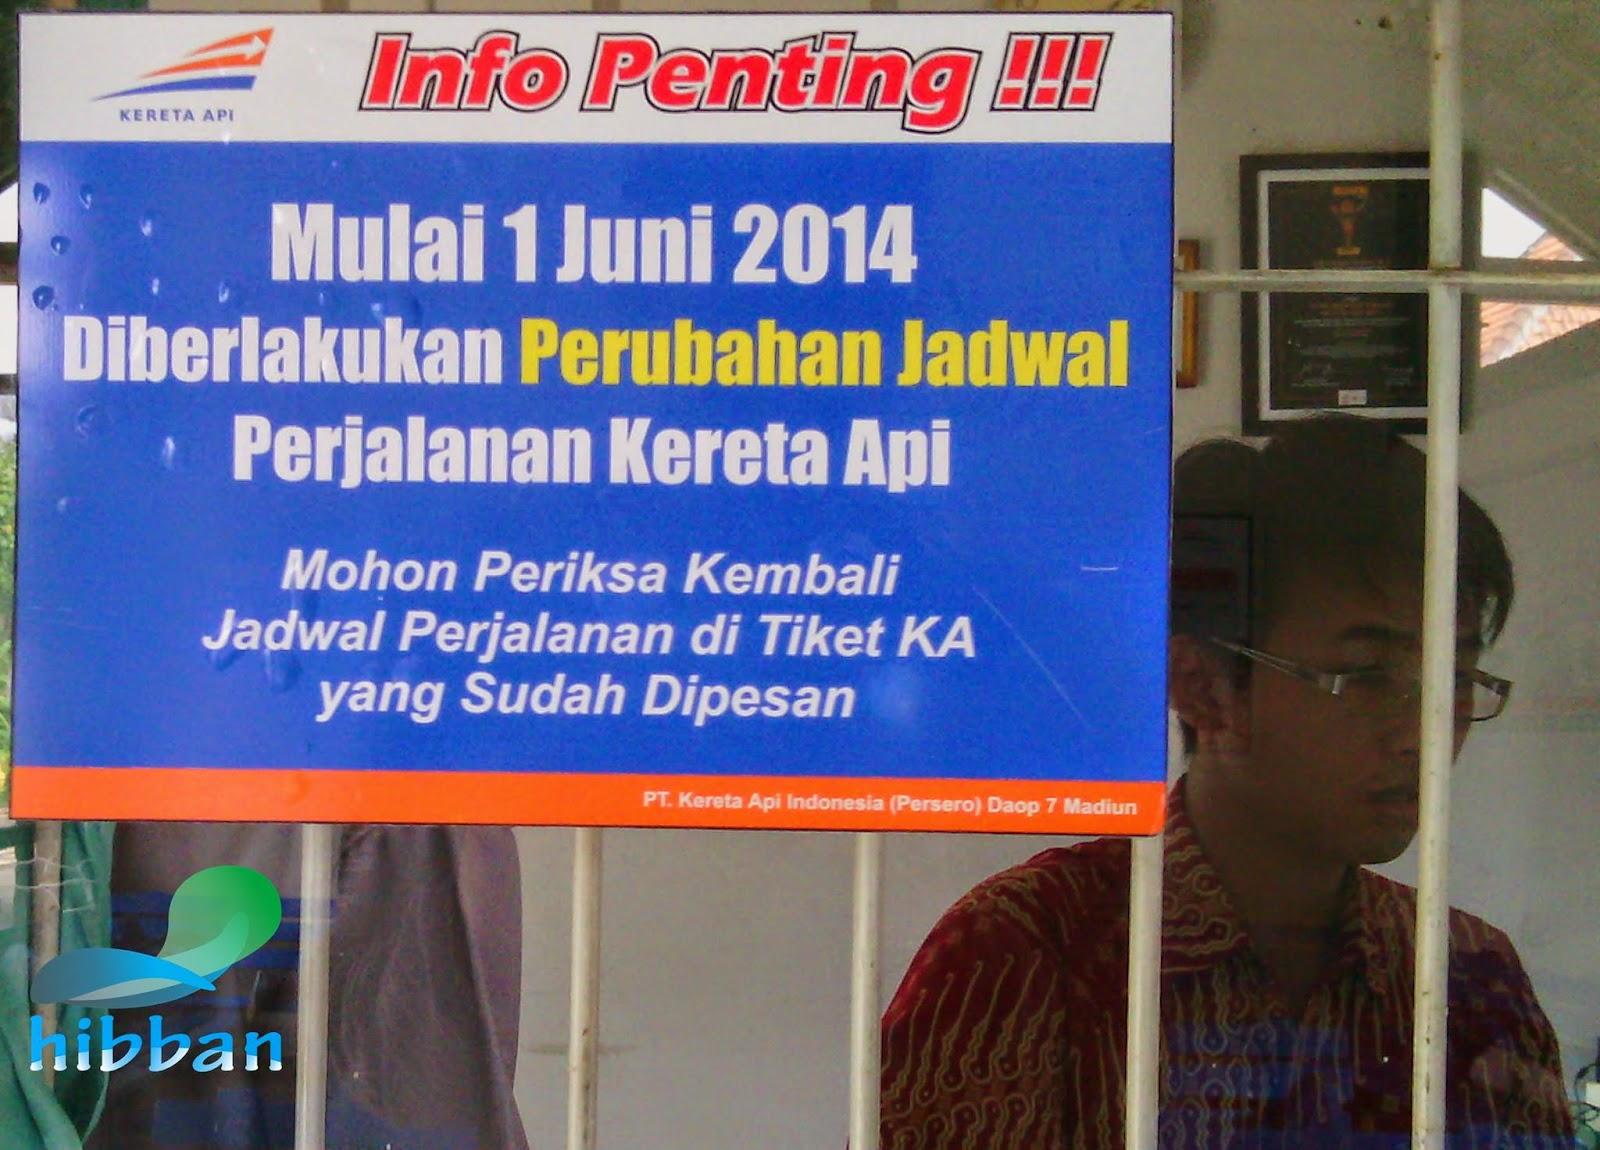 Perubahan Jadwal Kereta Api Sancaka mulai tanggal 1 Juni 2014